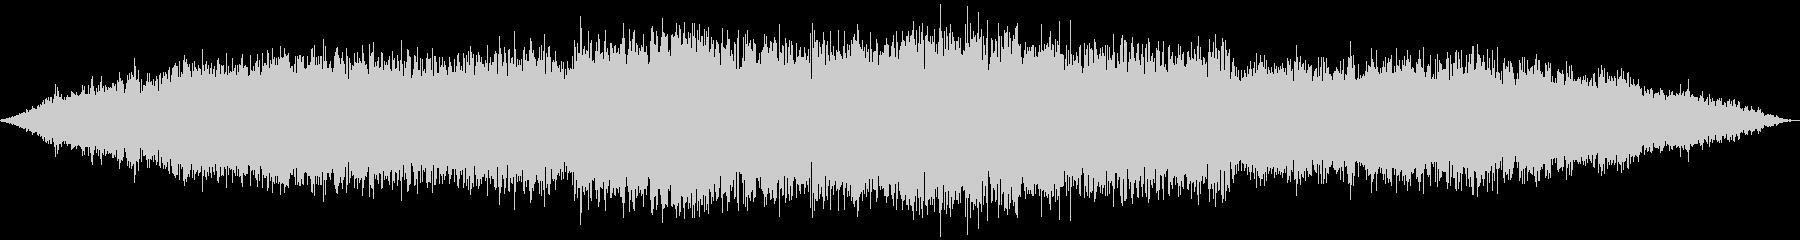 シューッという音EC04_79_2の未再生の波形